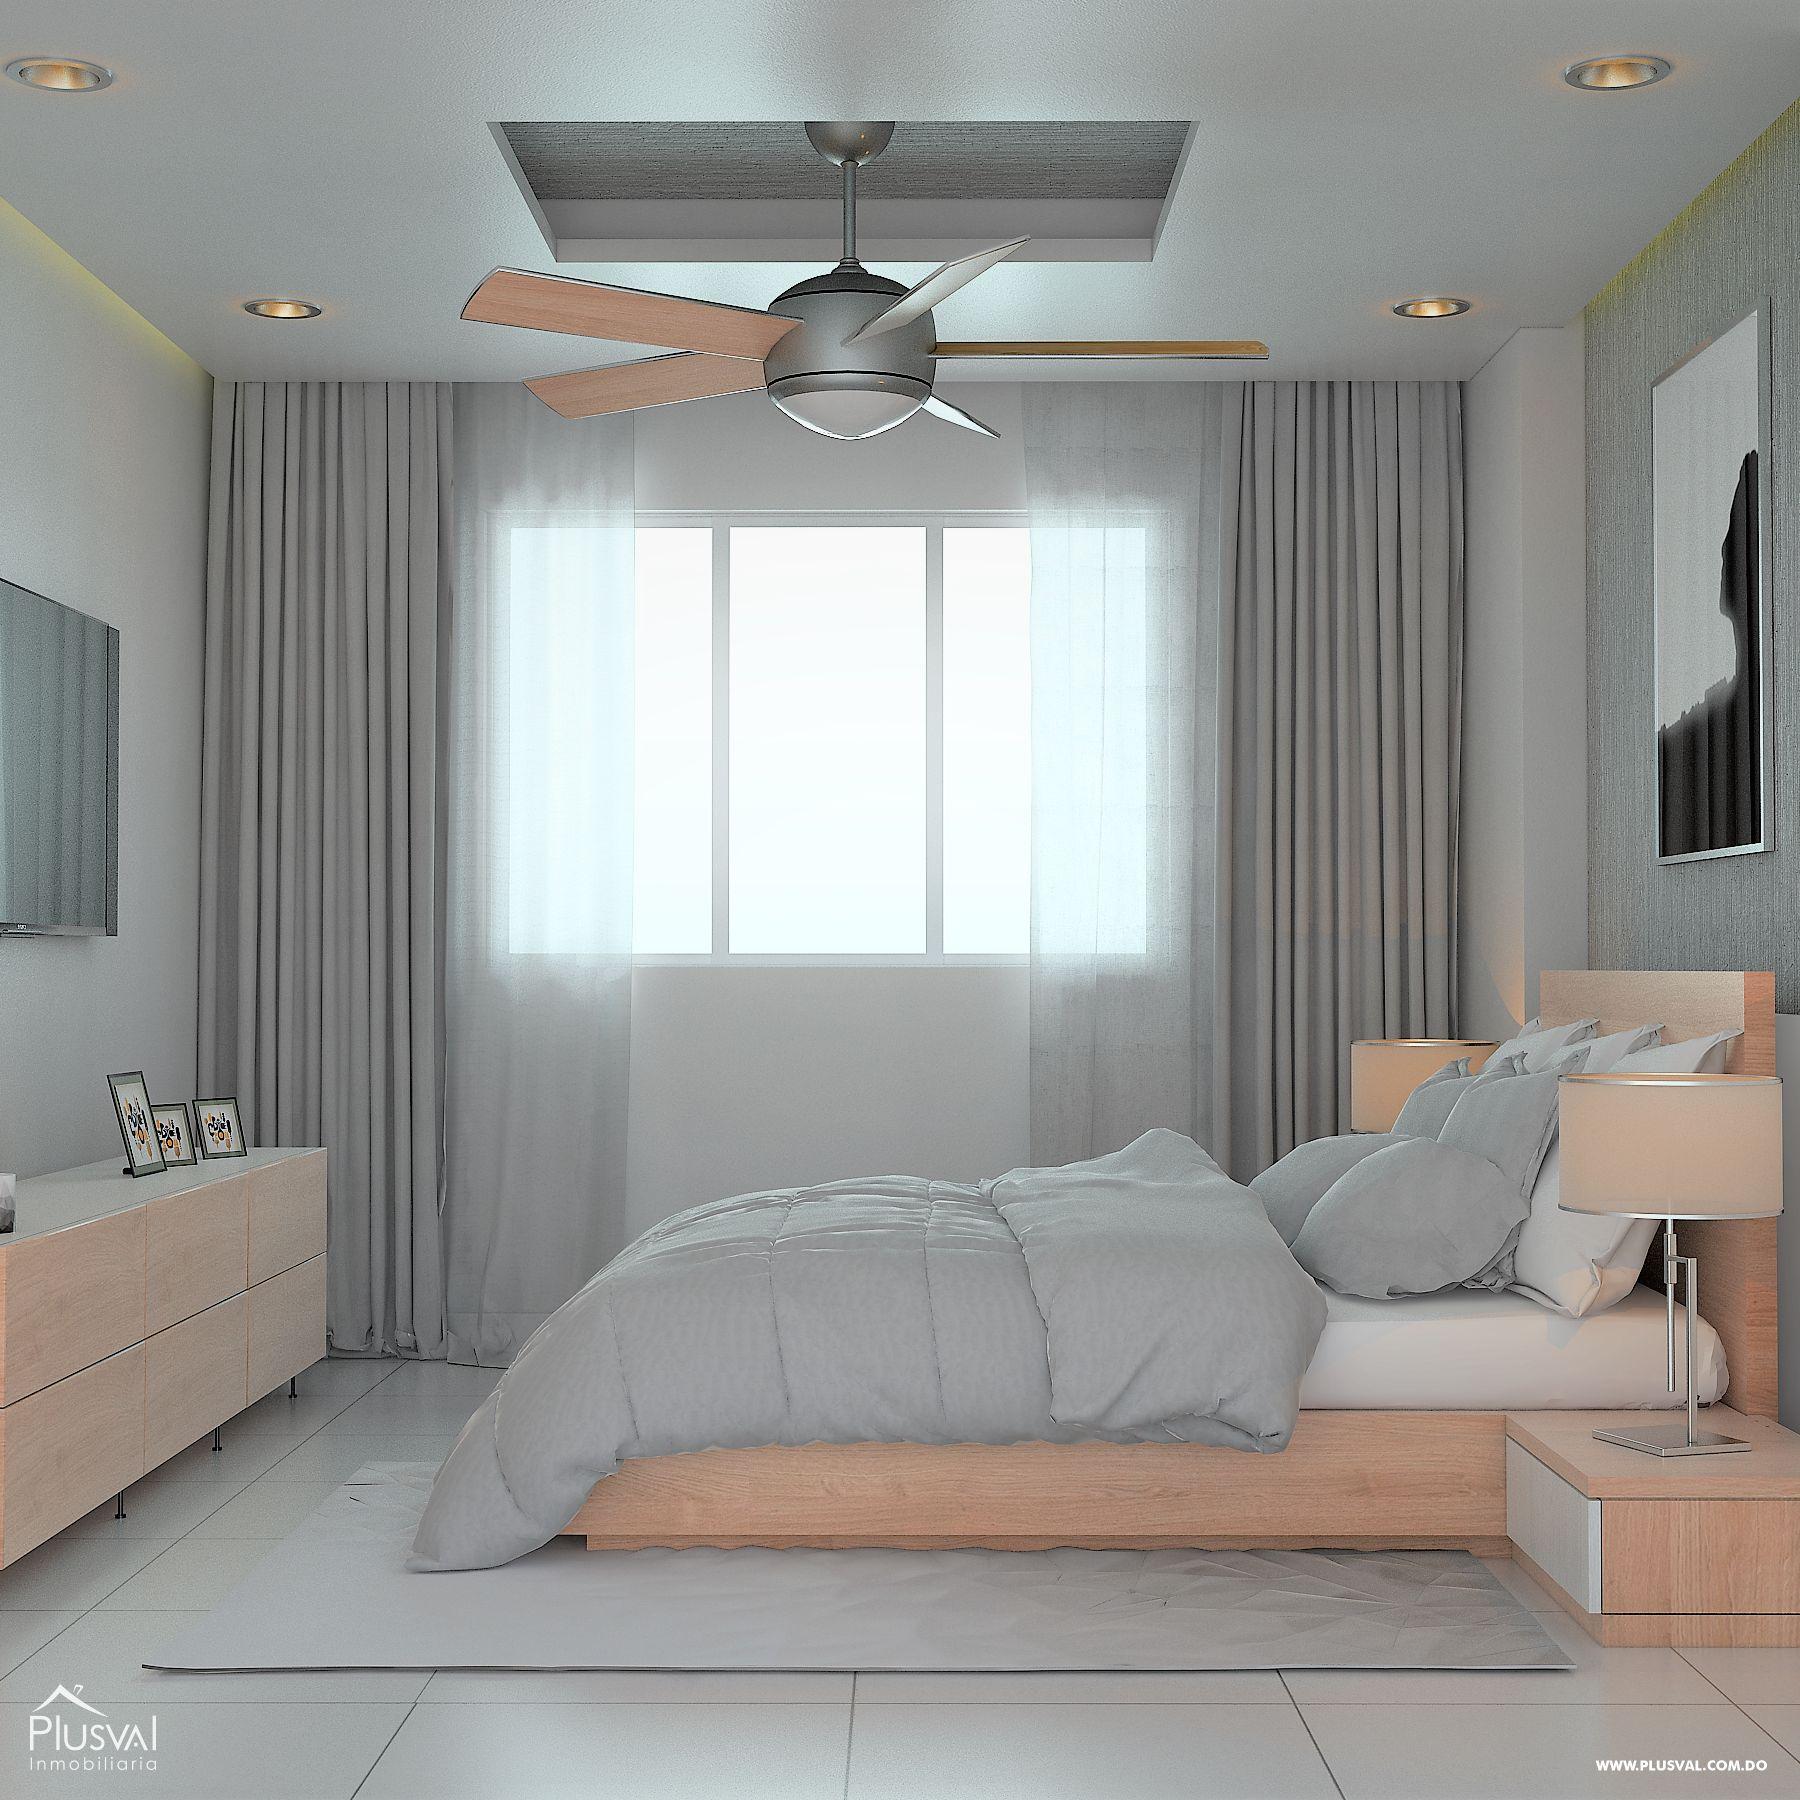 Apartamento en Venta en Urbanización Real con 3 habs MAS estudio 161124